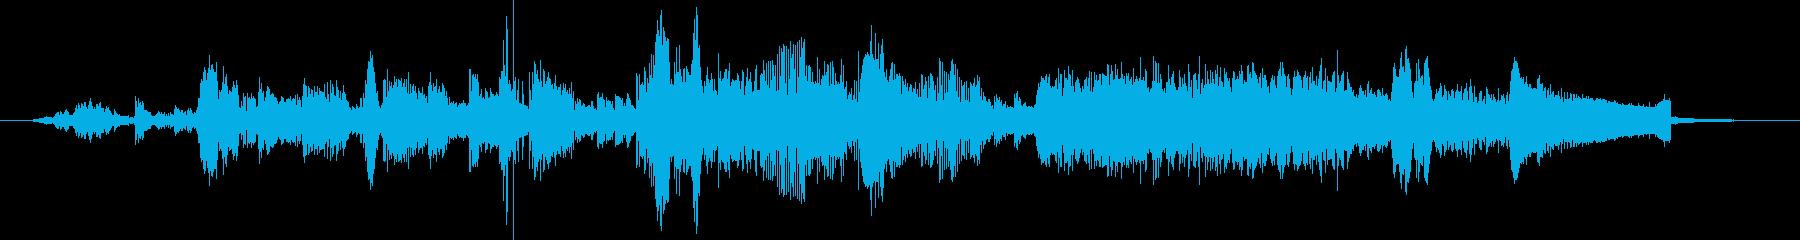 電気楽器。ロボット機械ノイズ。ハイ...の再生済みの波形